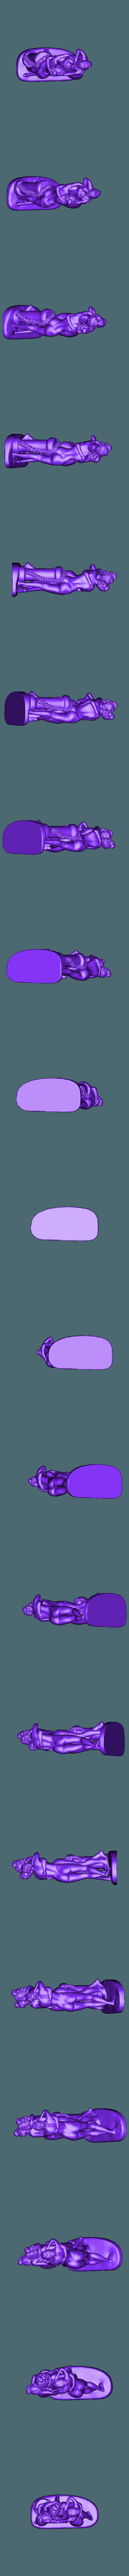 08c5a35d 9a35 466d 8a7f e0db1b2f7b18